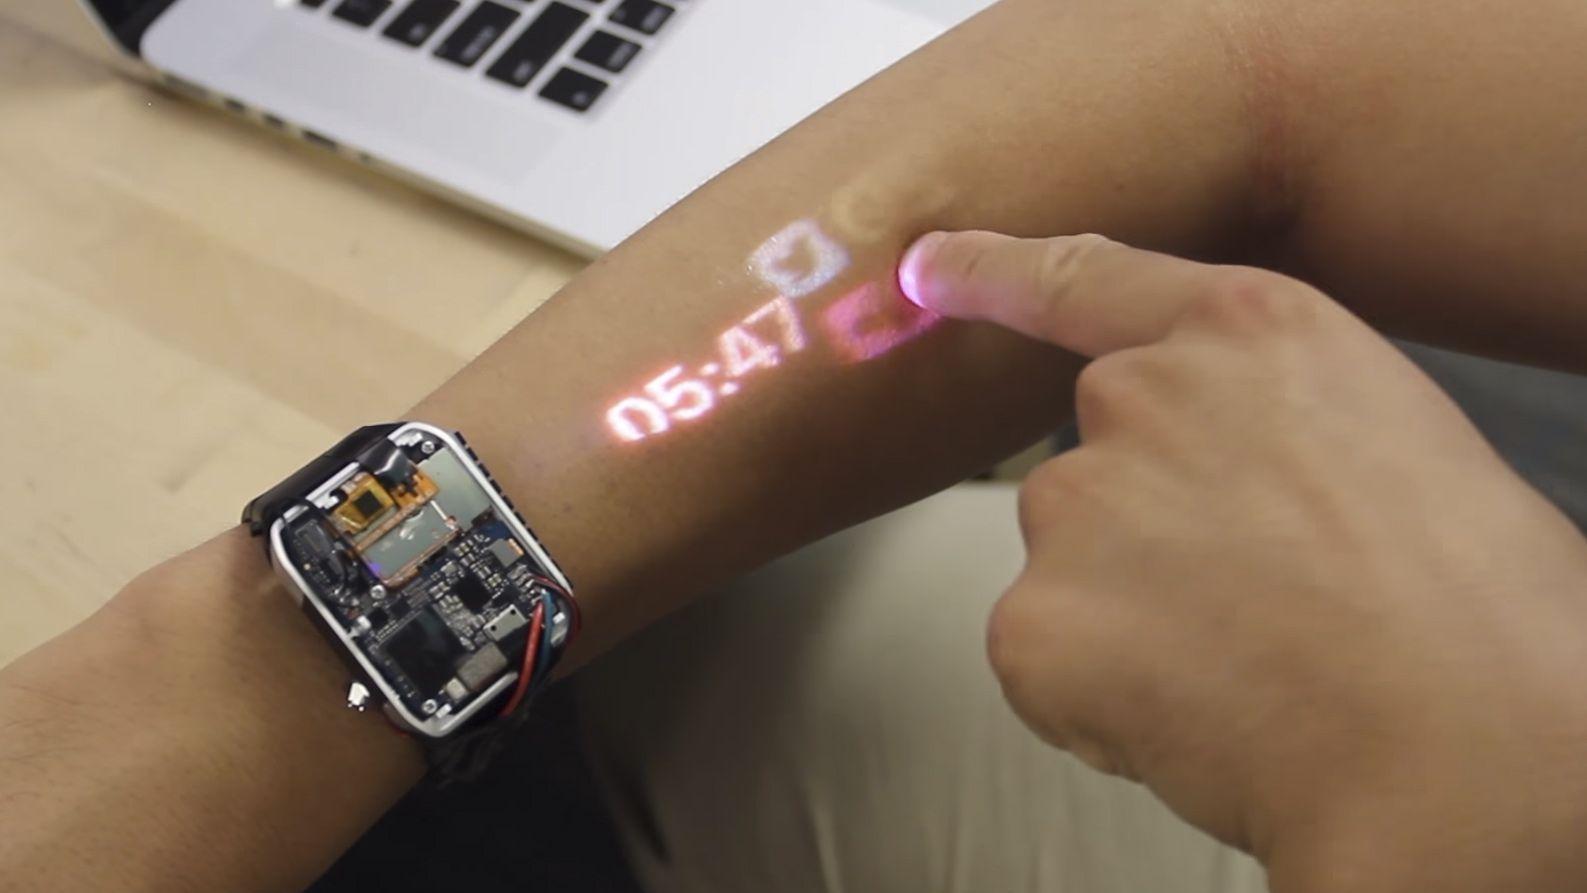 Proměňte své předloktí v touchscreen díky projektu LumiWatch